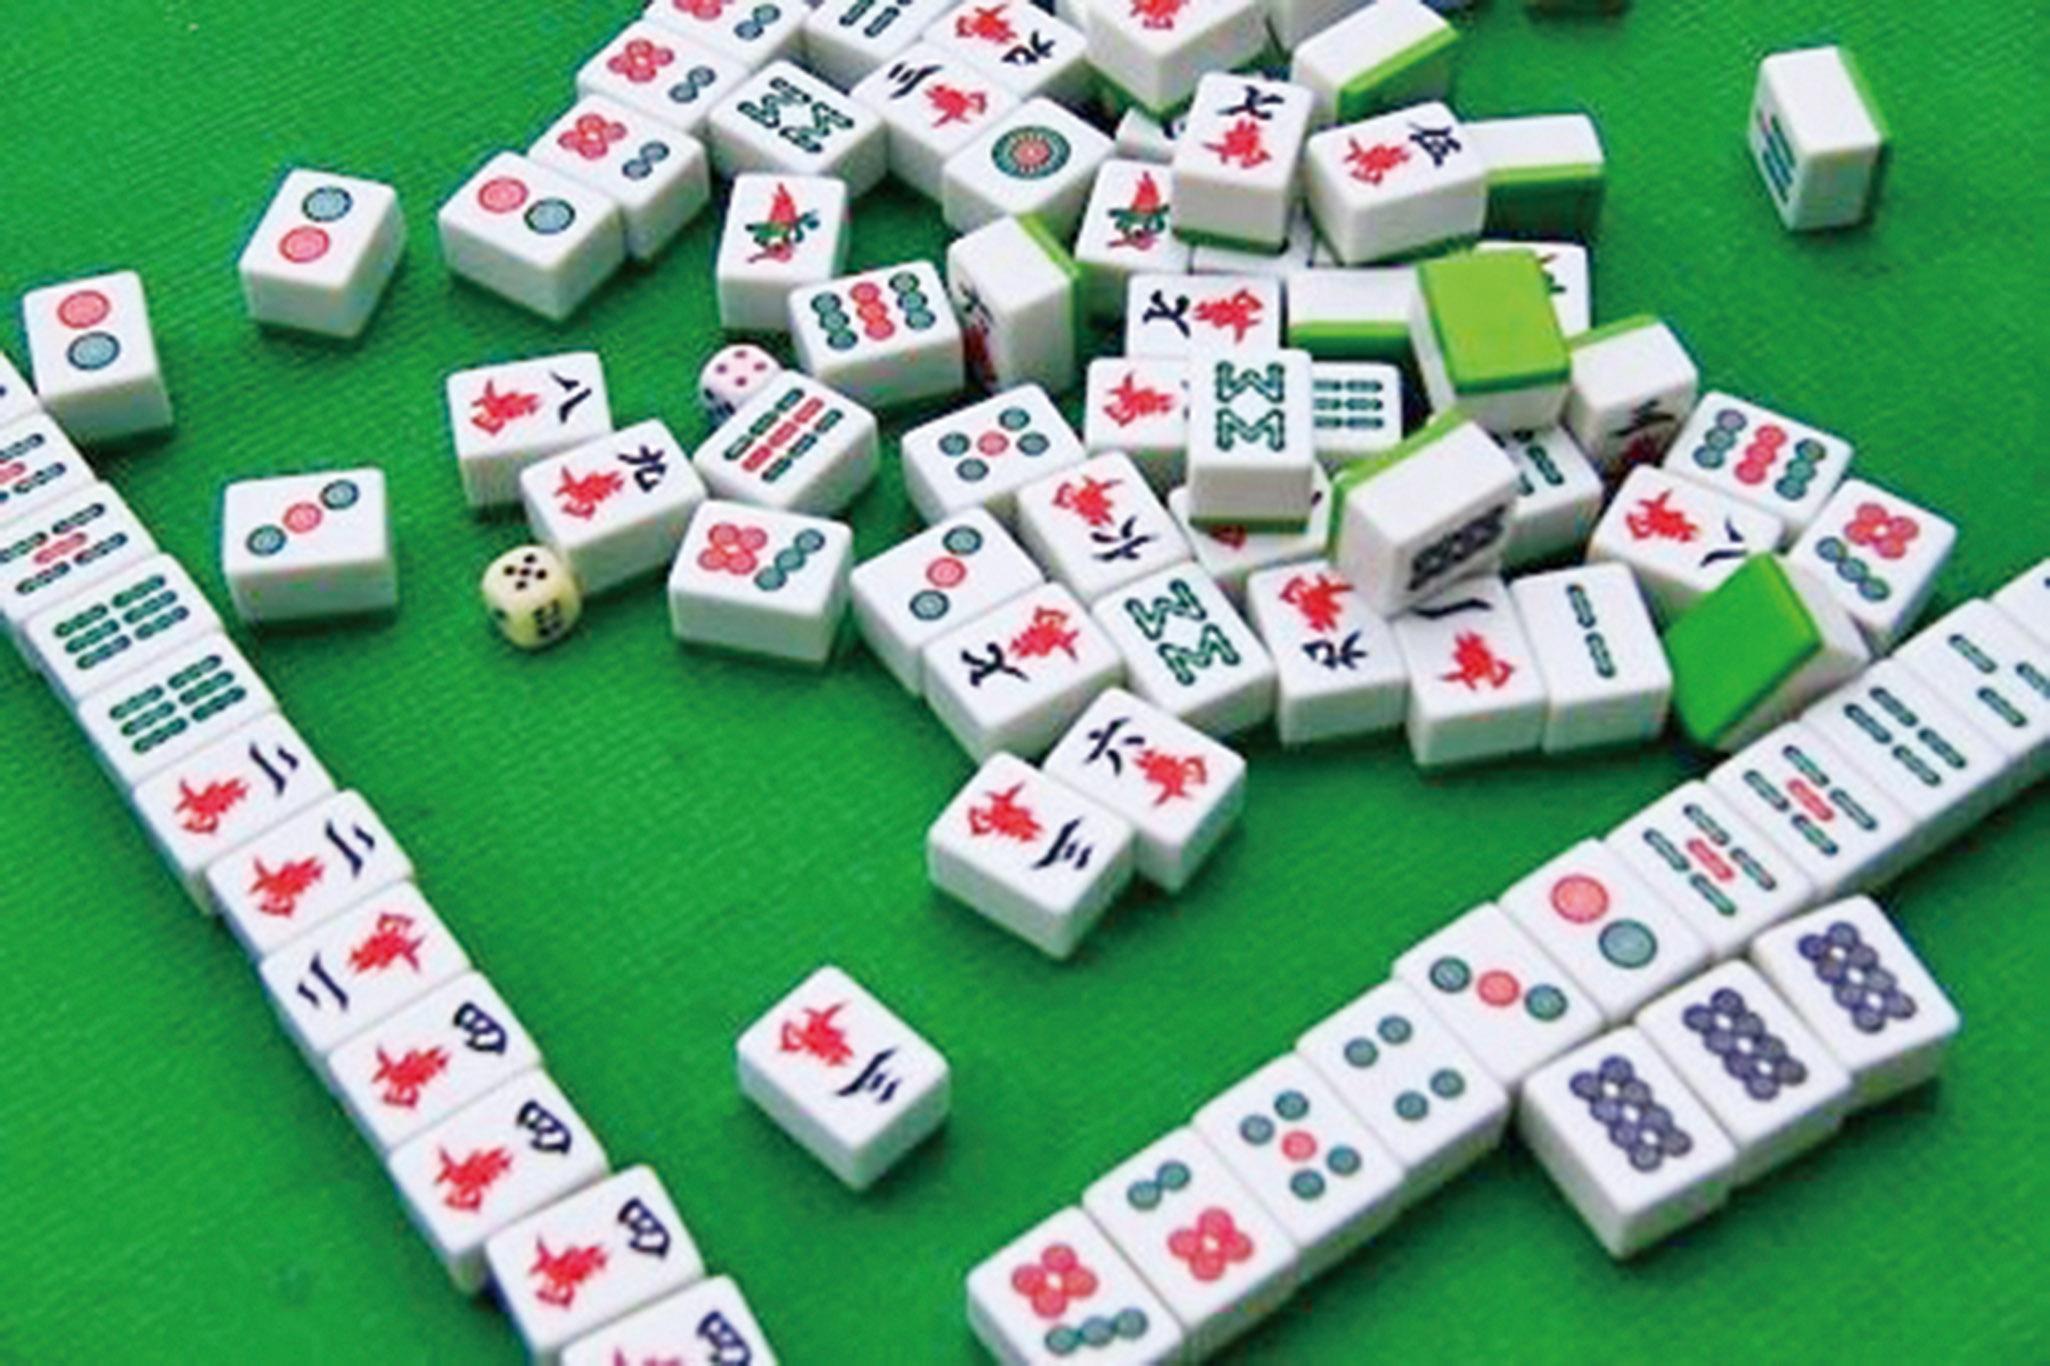 兩成因賭影響學業家庭